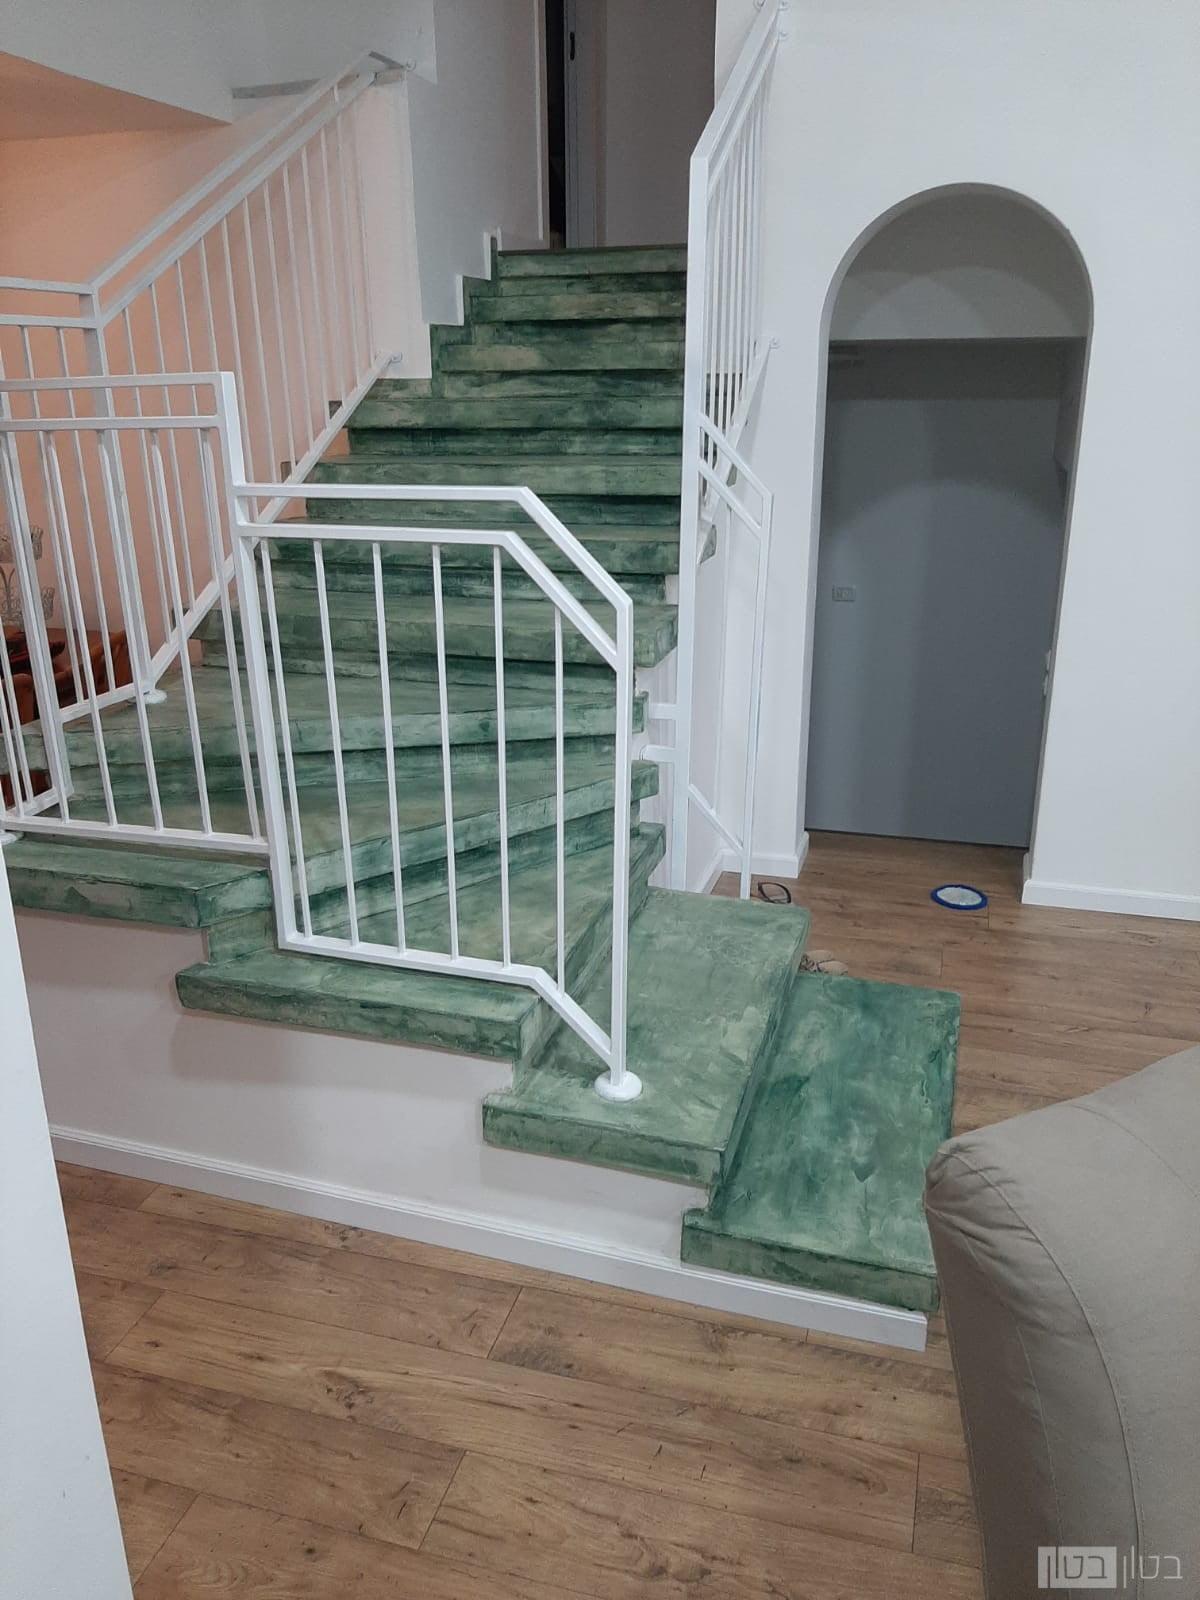 מדרגות מיקרוטופינג בצבע תכלת